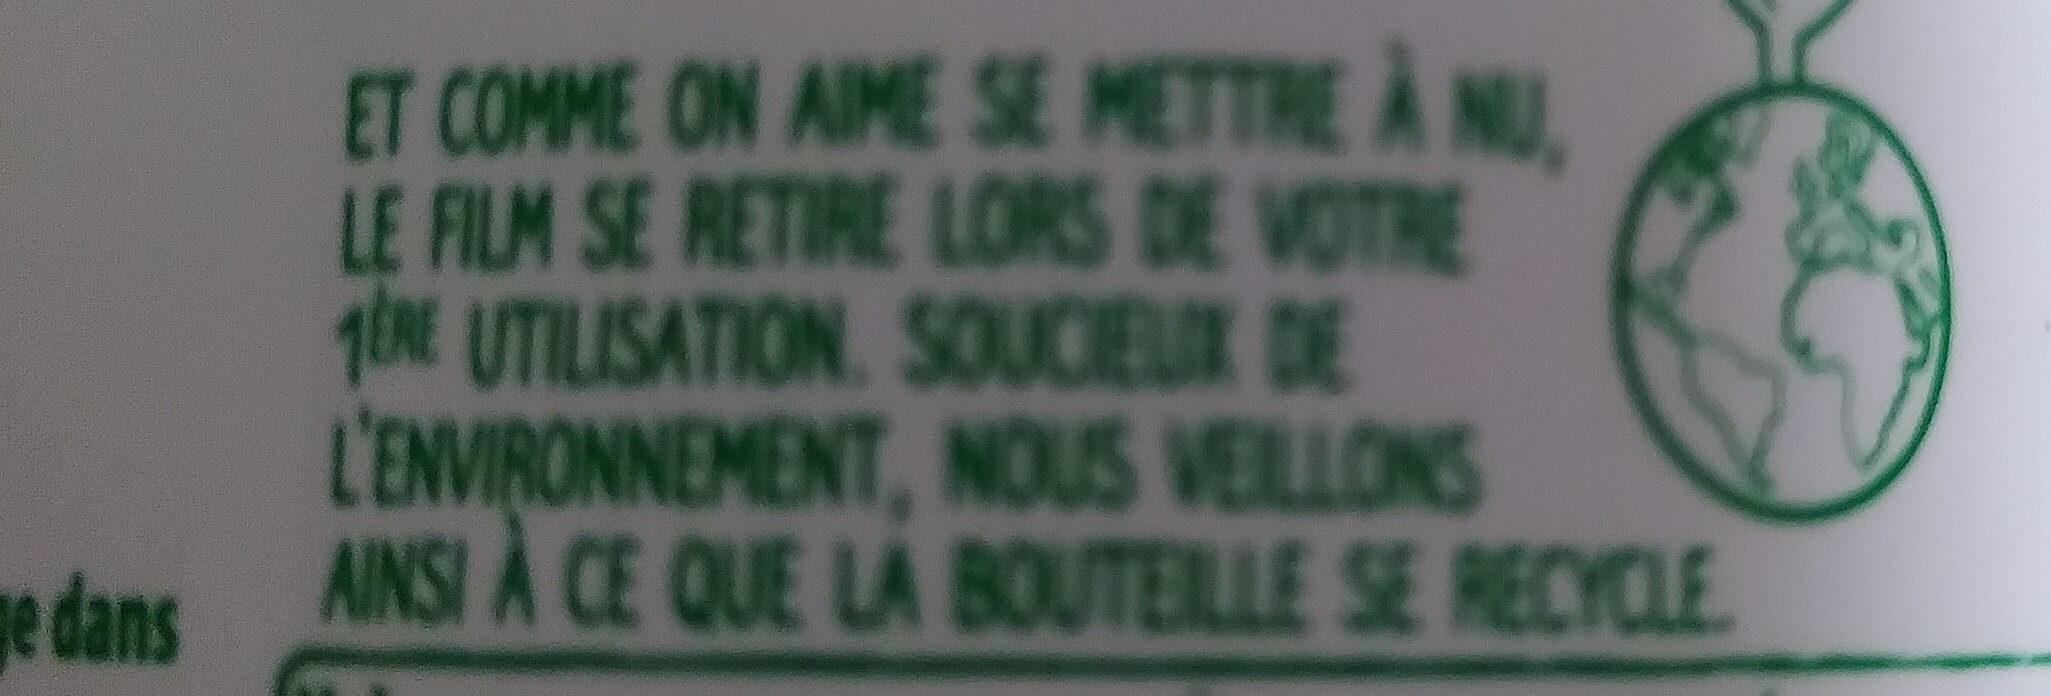 Knorr Soupe Bouteille Champignons & Pointe de Persillade - Instrucciones de reciclaje y/o información de embalaje - fr